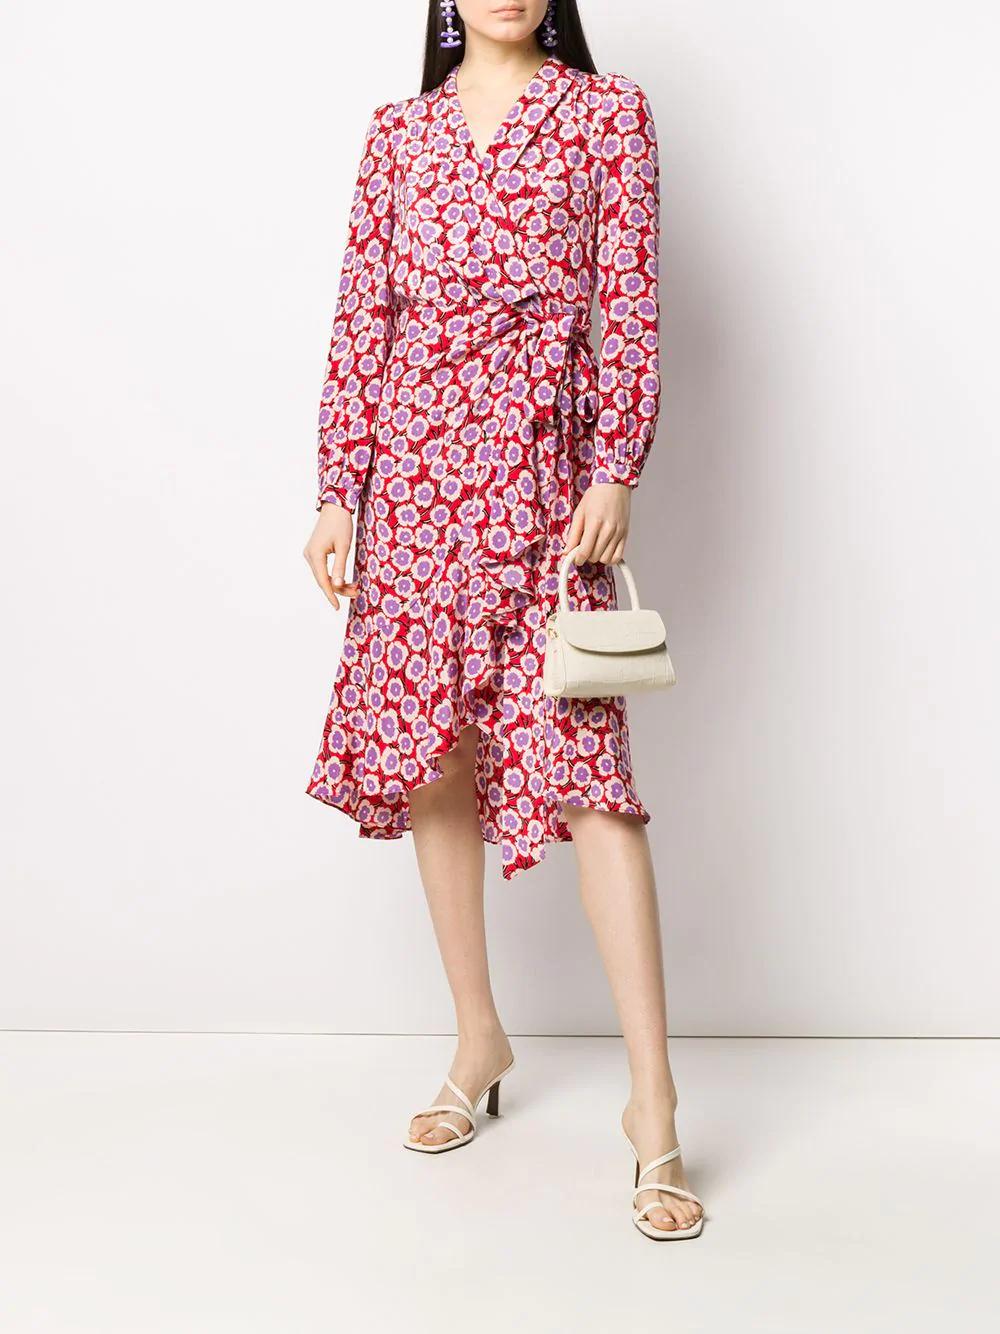 Dvf Diane Von Furstenberg Floral Print Wrap Dress Farfetch Printed Wrap Dresses Dvf Diane Von Furstenberg Dresses [ 1334 x 1000 Pixel ]